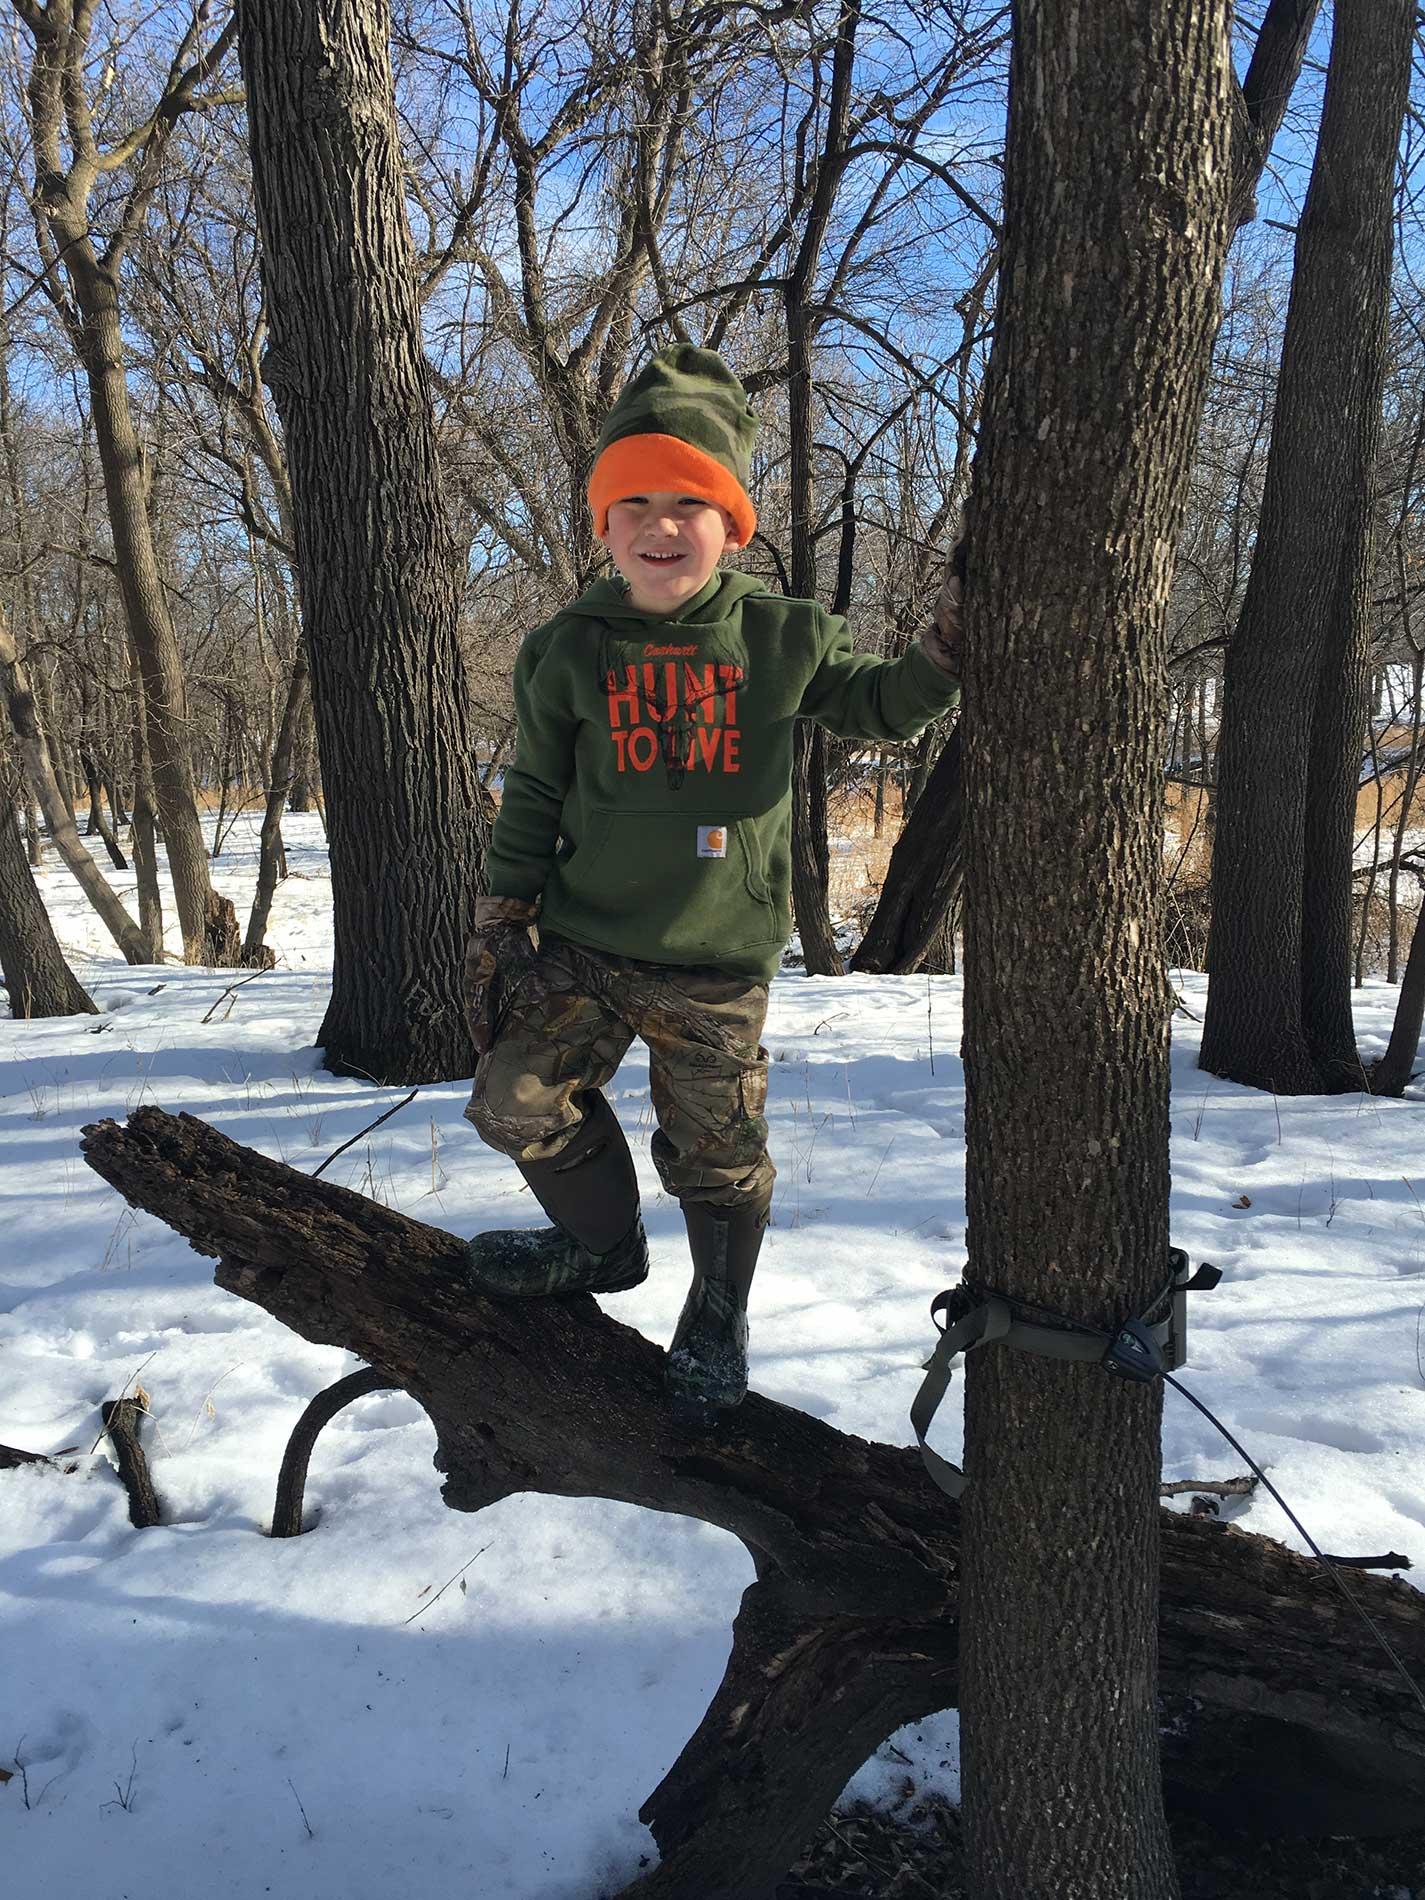 Reese Climbing a Fallen Tree